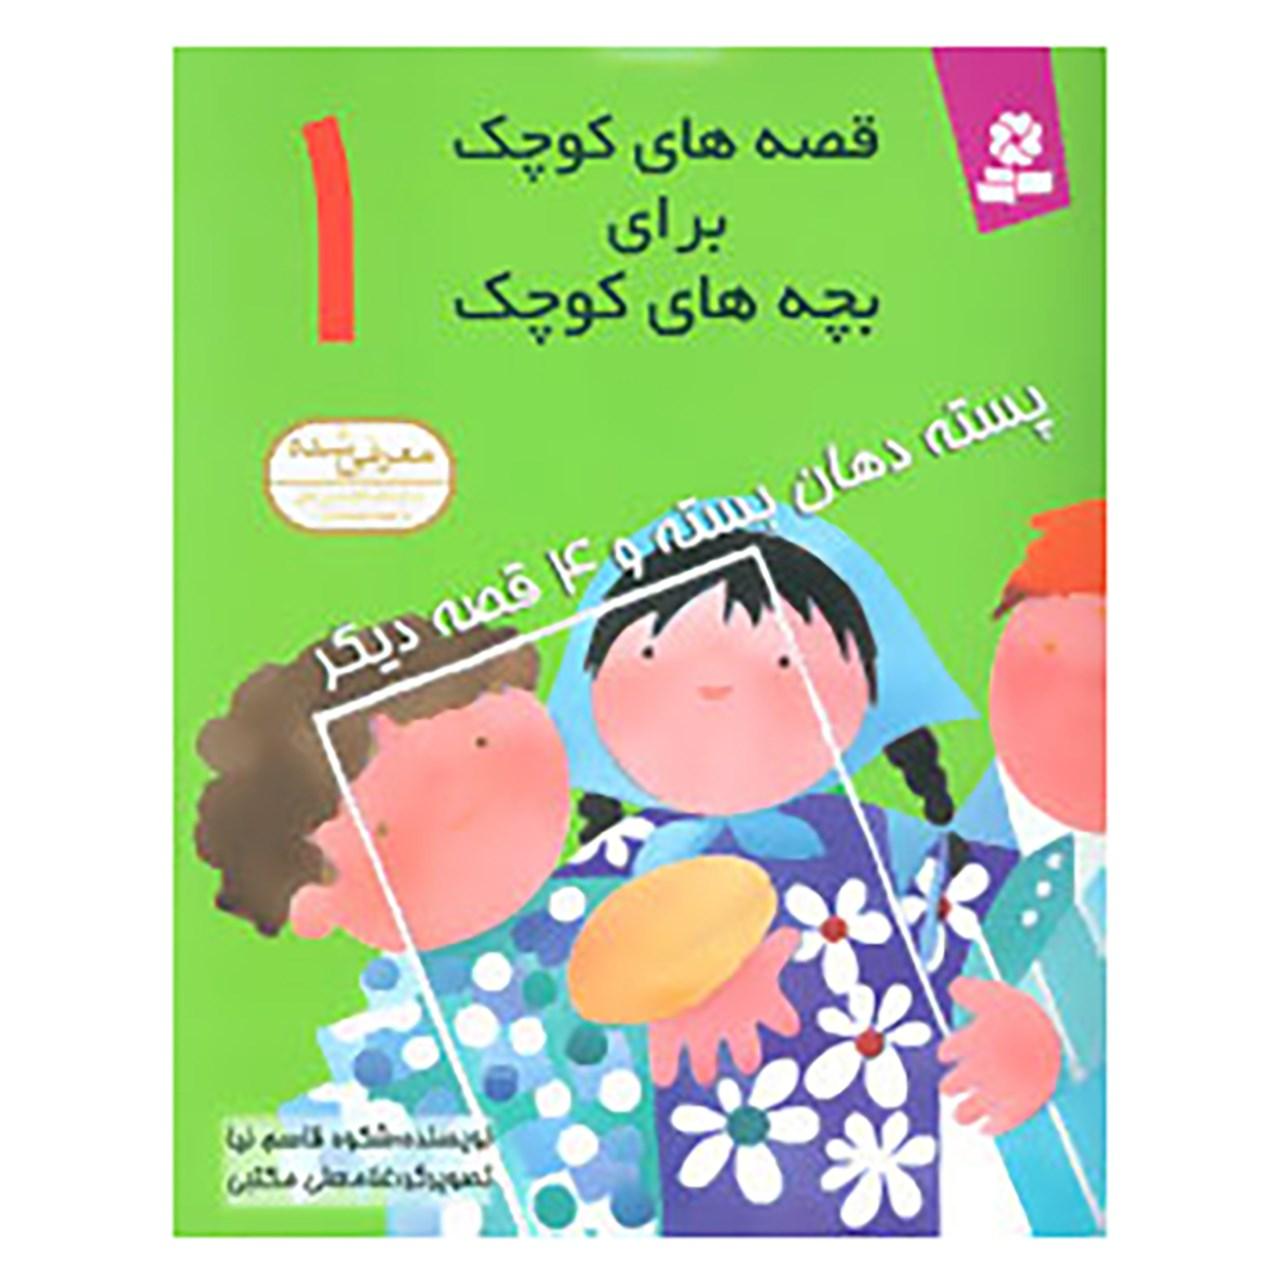 کتاب قصه های کوچک برای بچه های کوچک 1 اثر شکوه قاسم نیا